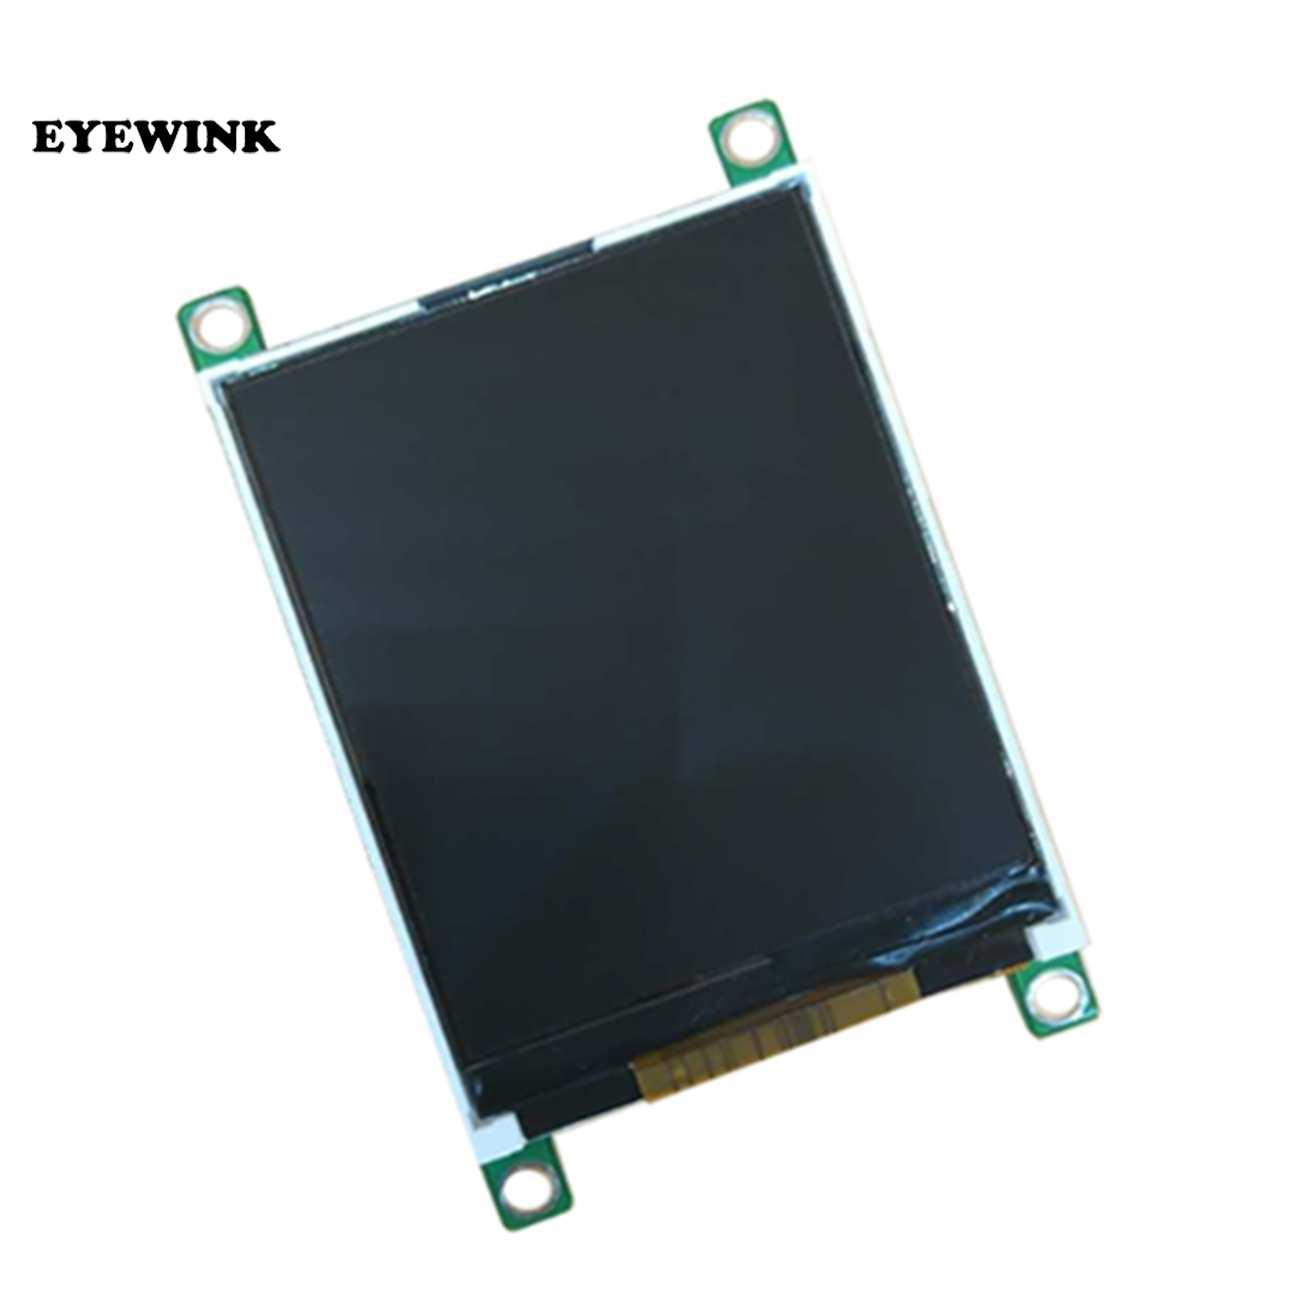 """2.4 """"320*240 HMI Intelligent Intelligent USART UART série TFT LCD Module panneau d'affichage pour Arduino sans écran tactile"""